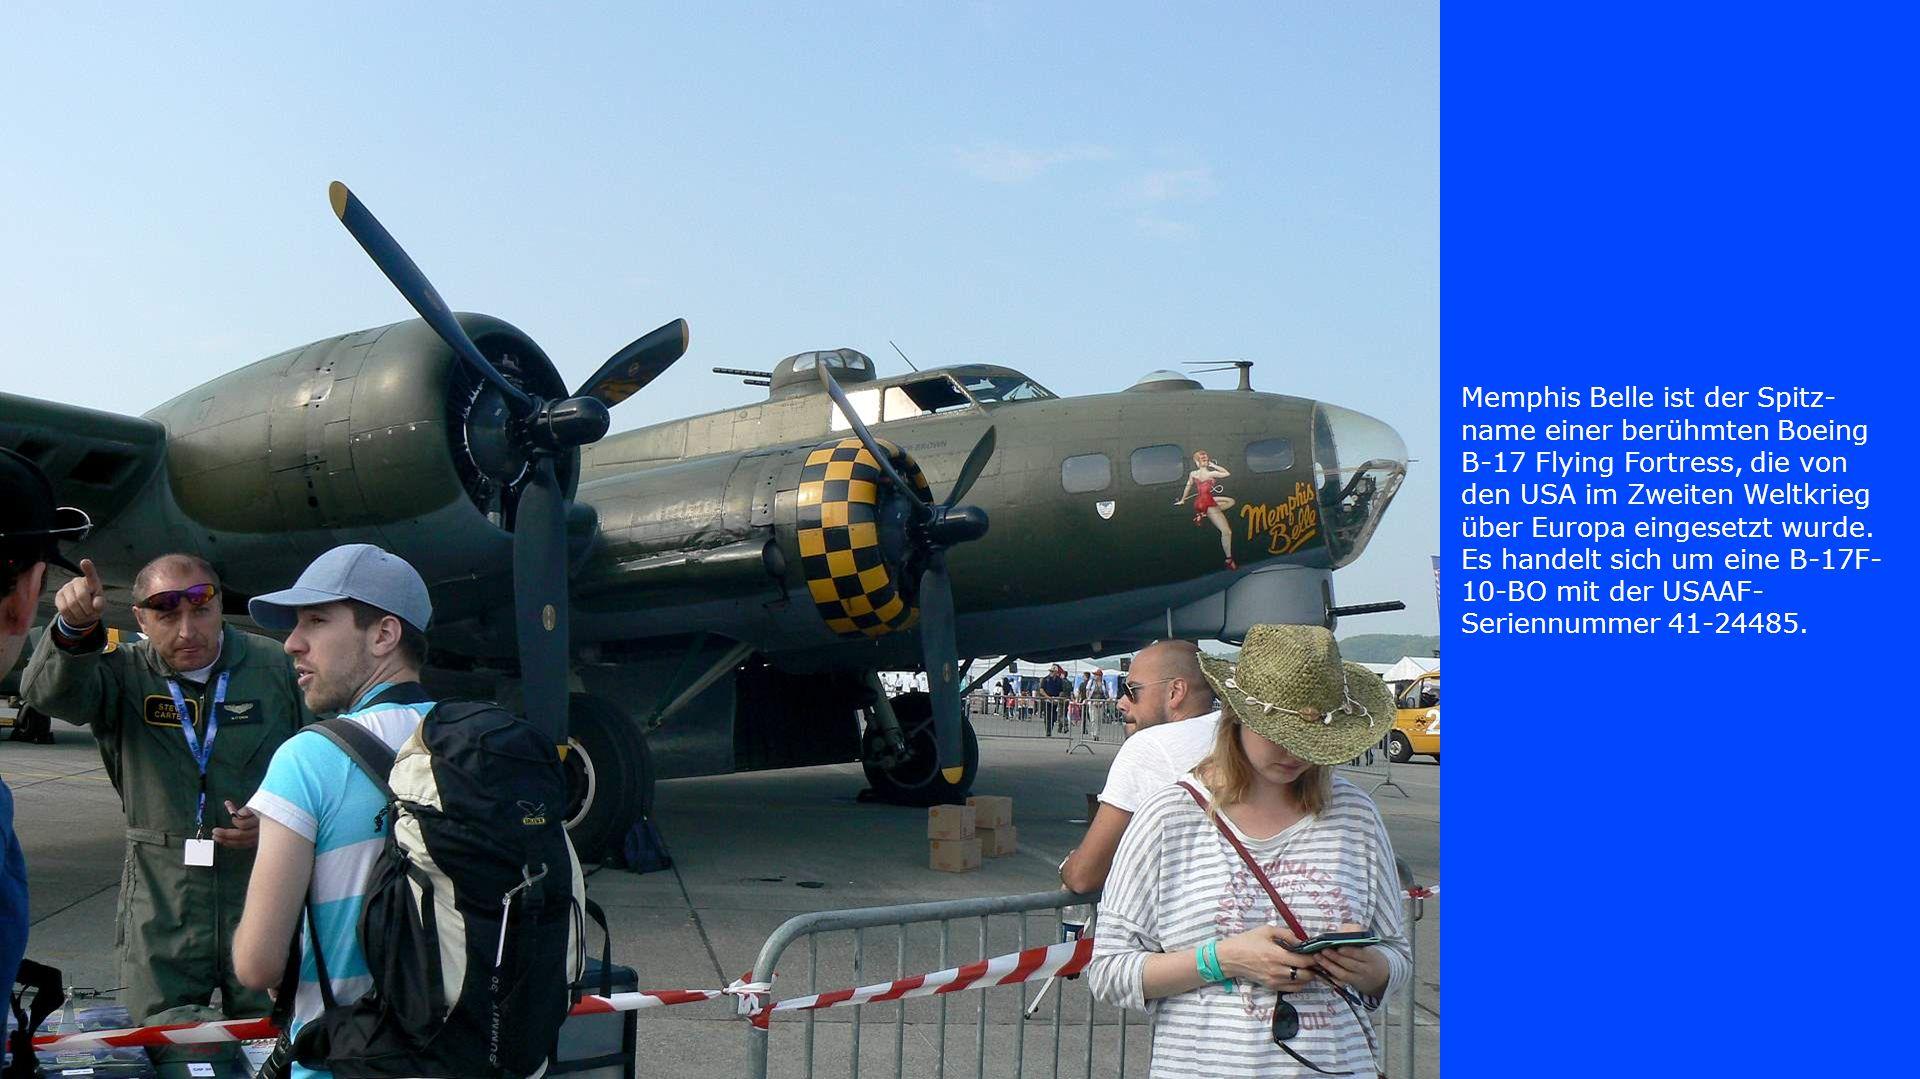 Memphis Belle ist der Spitz- name einer berühmten Boeing B-17 Flying Fortress, die von den USA im Zweiten Weltkrieg über Europa eingesetzt wurde. Es h